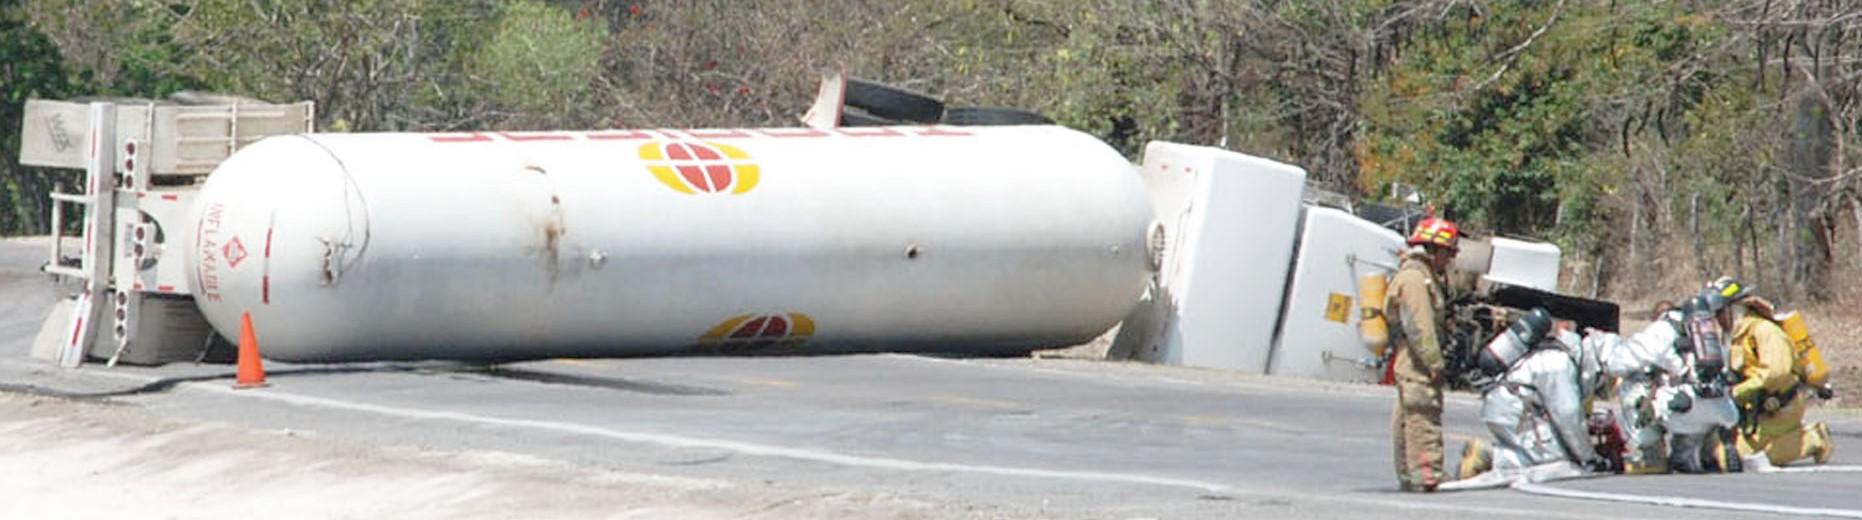 tanker rollover